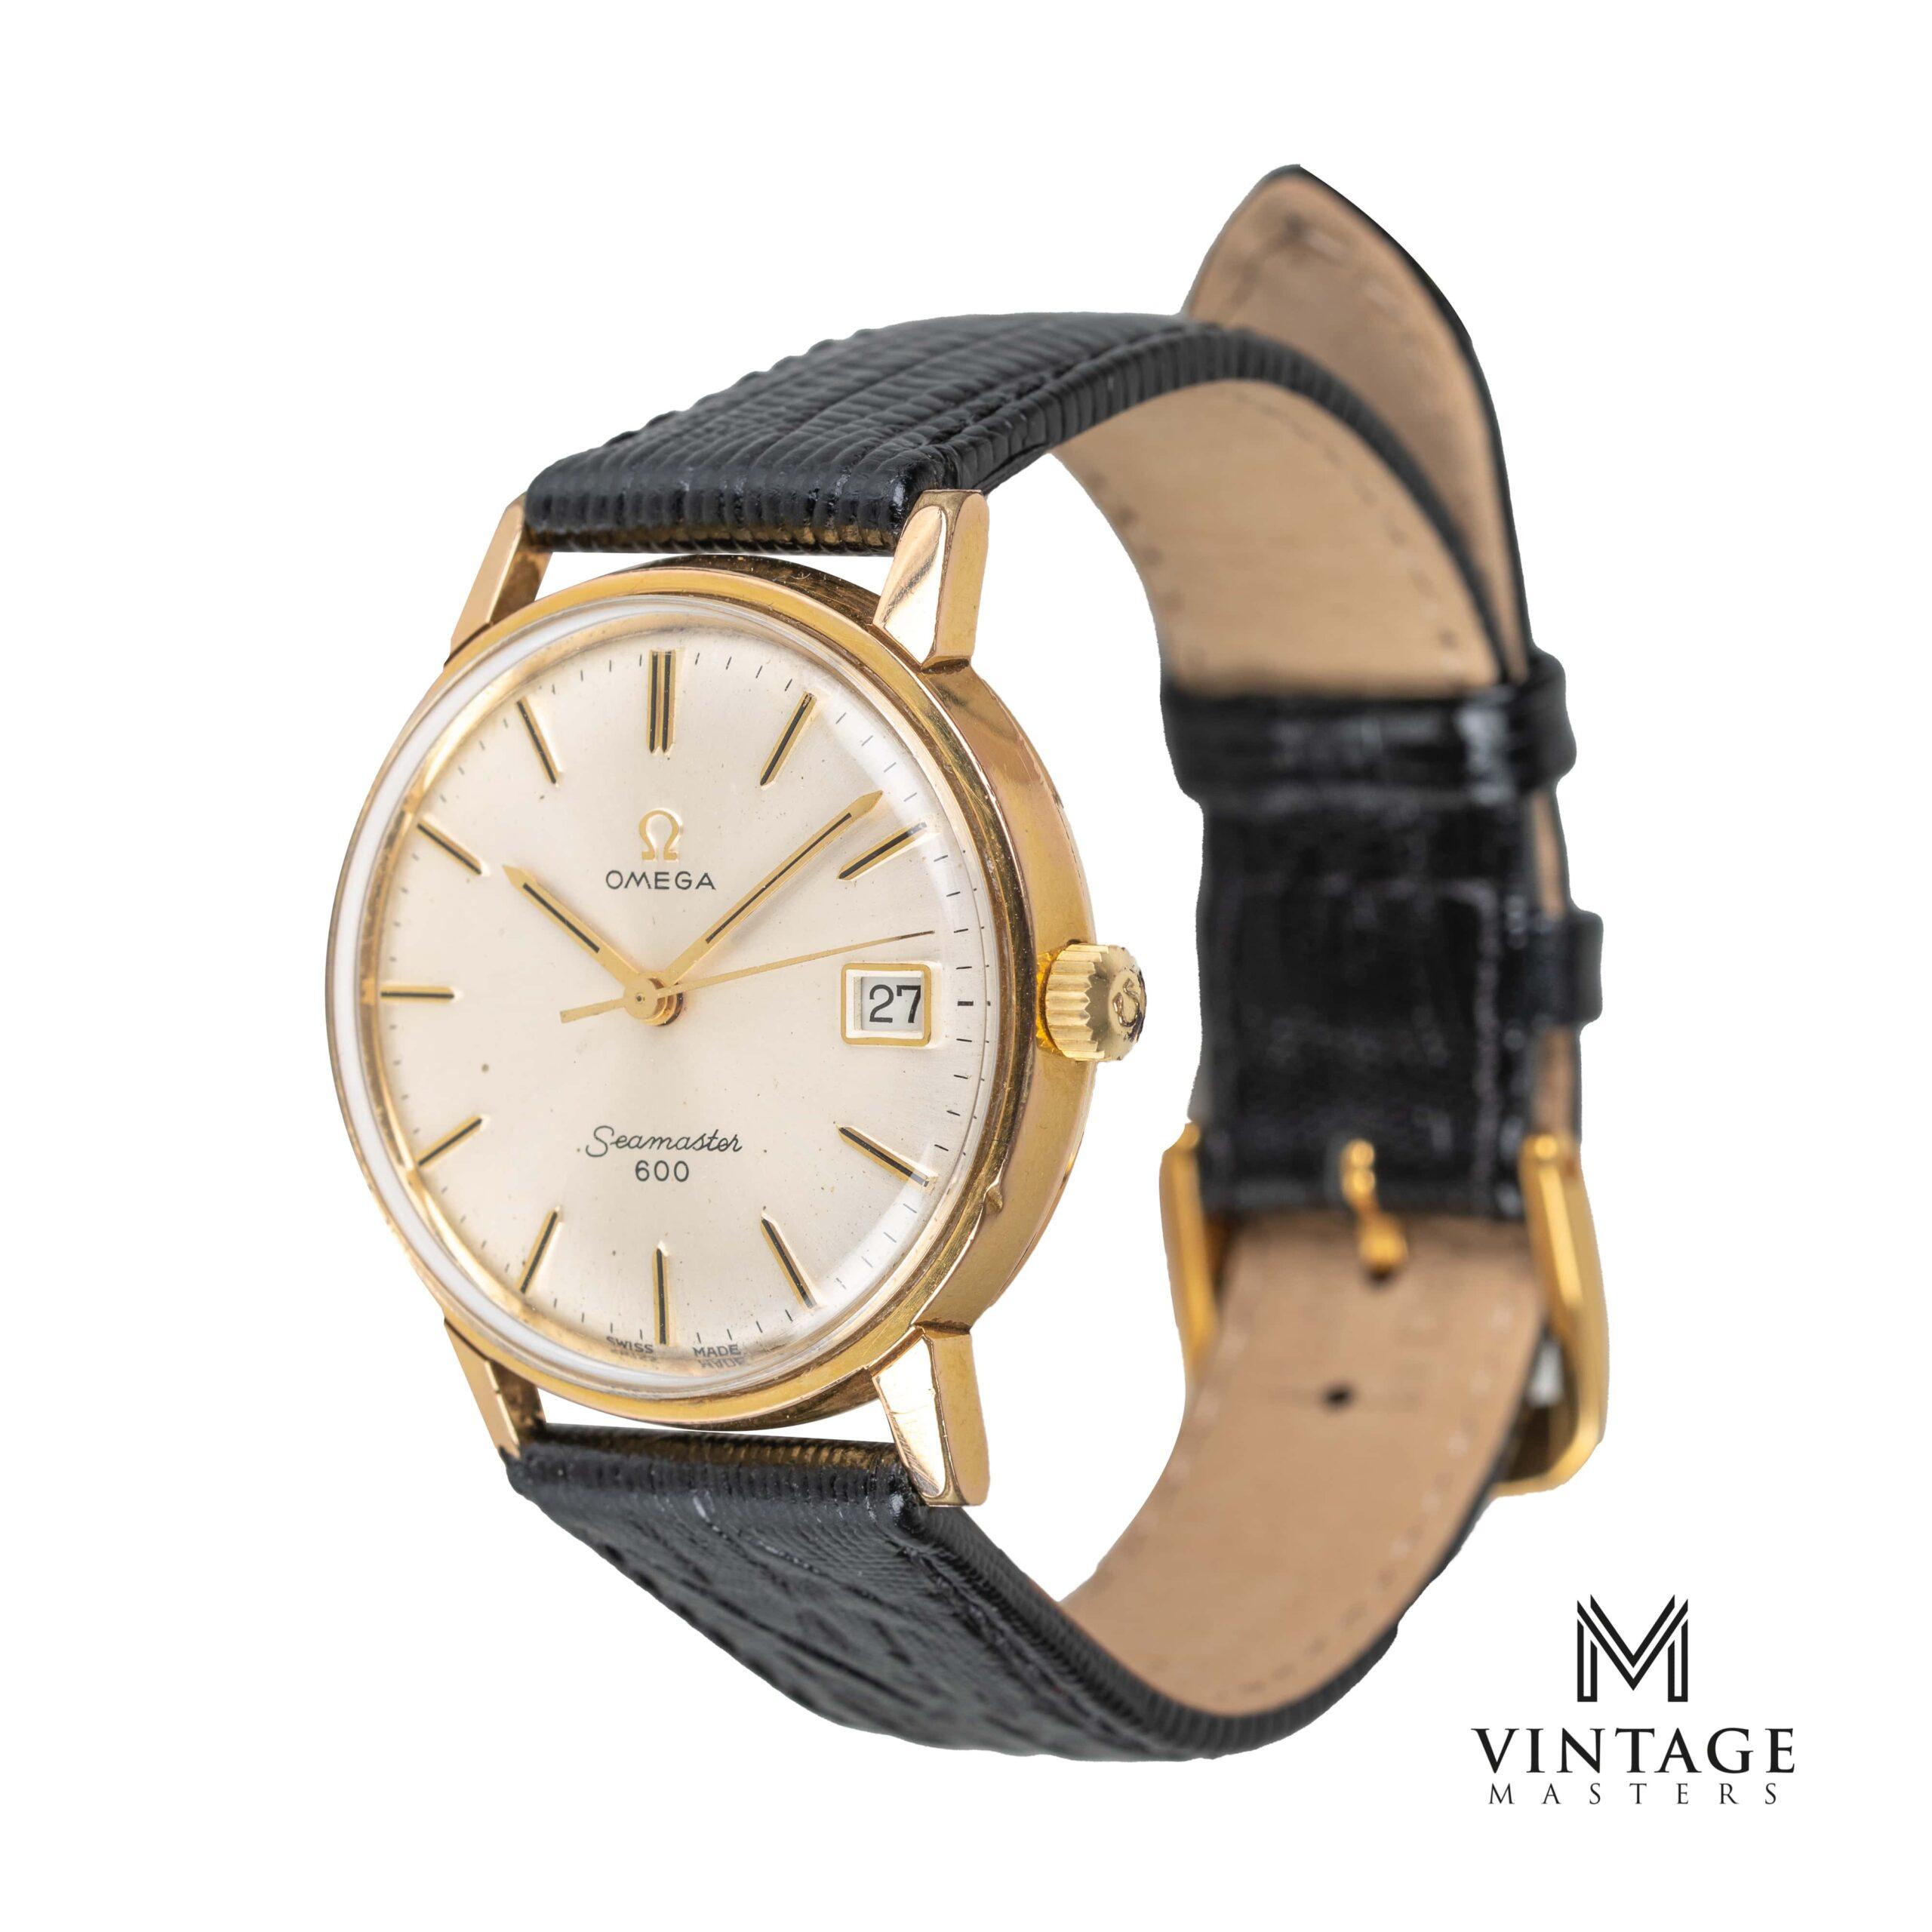 vintage omega seamaster 600 watch 136.011 1965 side